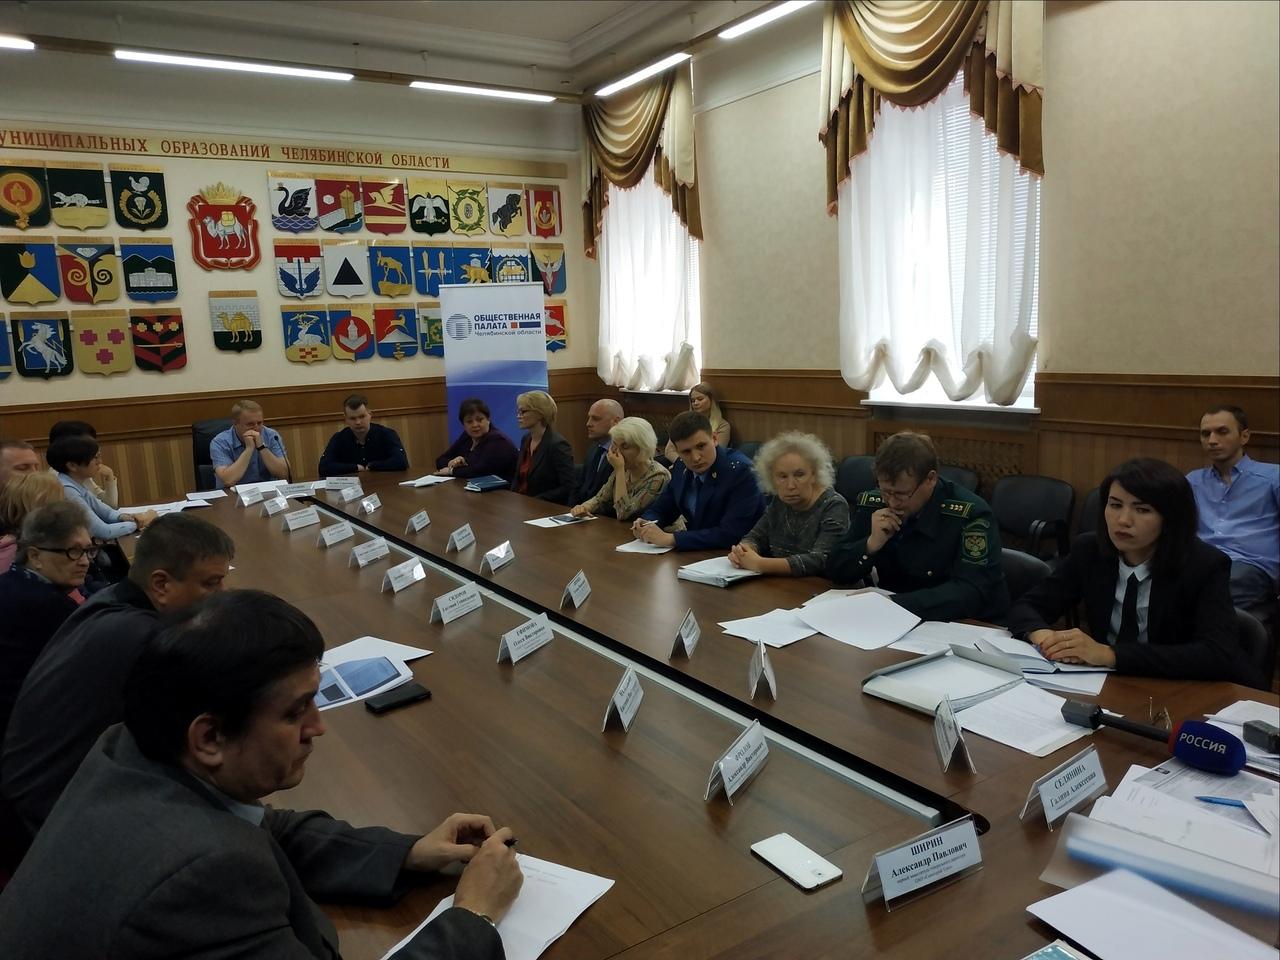 Только в результате вмешательства Общественной палаты Челябинской области удалось разрешить длящи